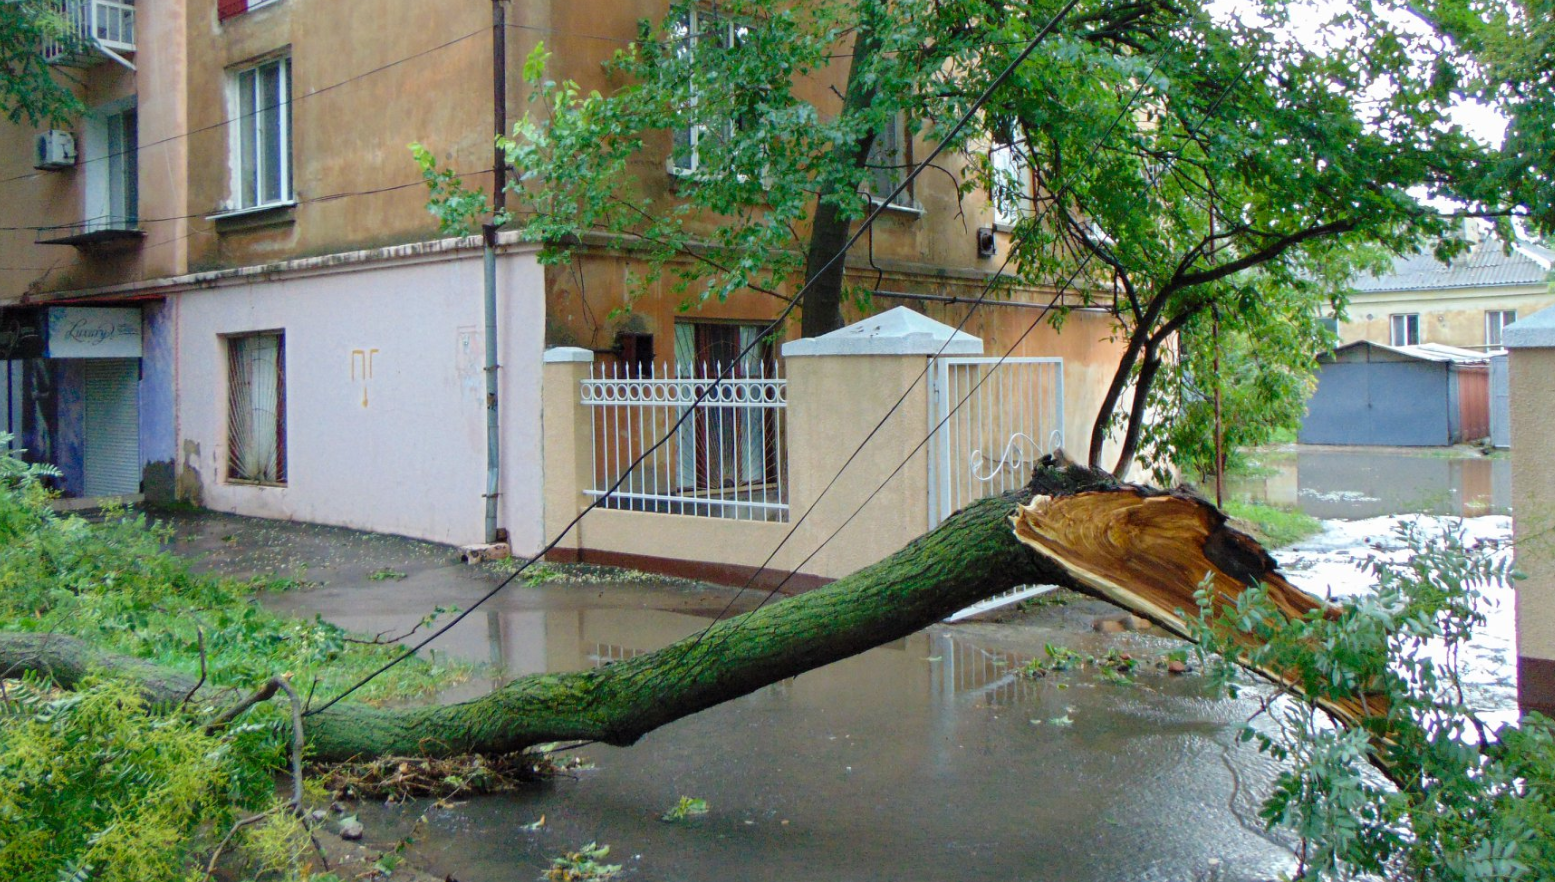 Негода на Одещині: град розміром з яйце та повалені дерева